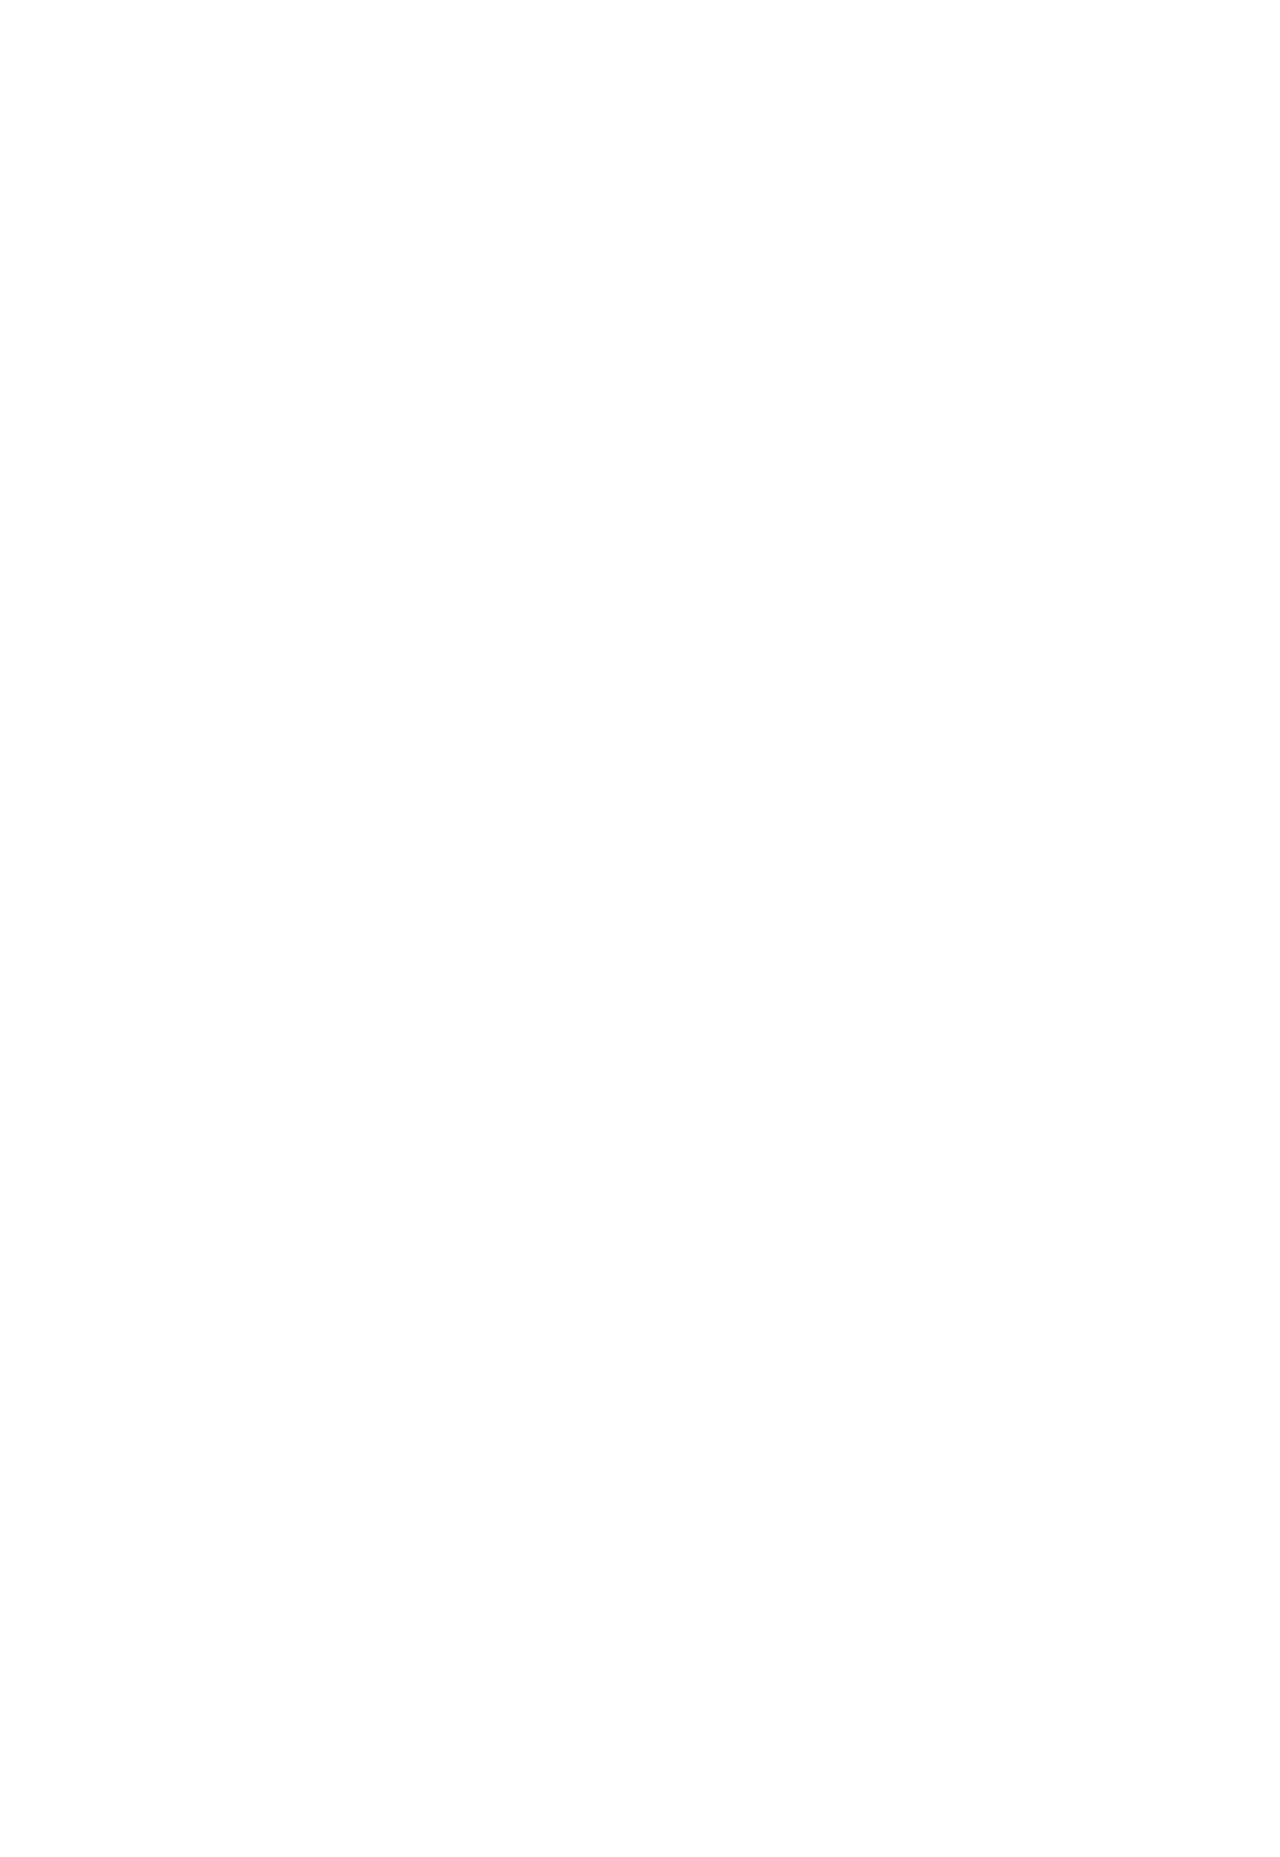 (C96) [Shichiten Battou (Miyasaka Takaji)] Uchi no Tonari no Shougakusei wa Kinpatsu Hekigan Ecchi-zuki | The Blonde-haired, Blue-Eyed Elementary Schooler Next Door Loves Sex [English] =TLL + mrwayne= 1